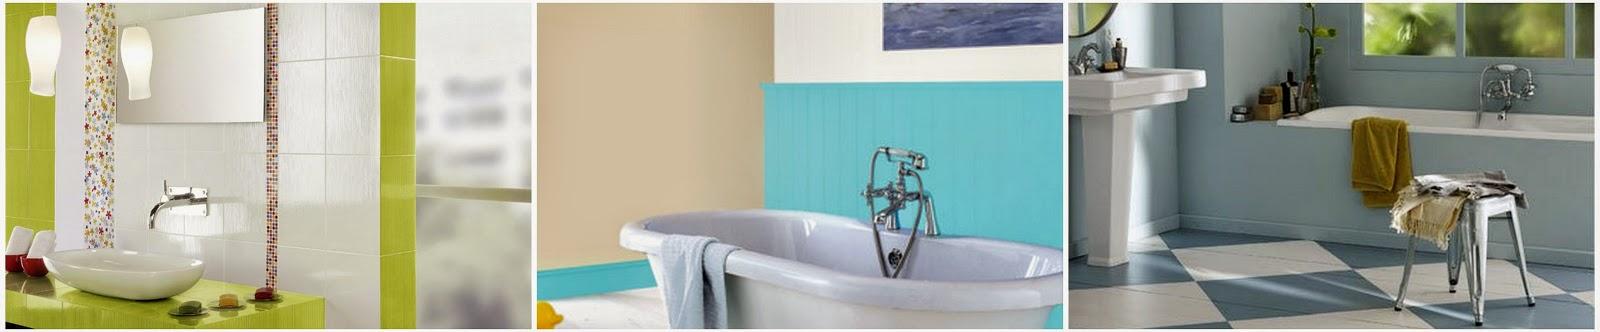 renovation travaux artisan peintre salle de bain paris entreprise de peinture paris. Black Bedroom Furniture Sets. Home Design Ideas